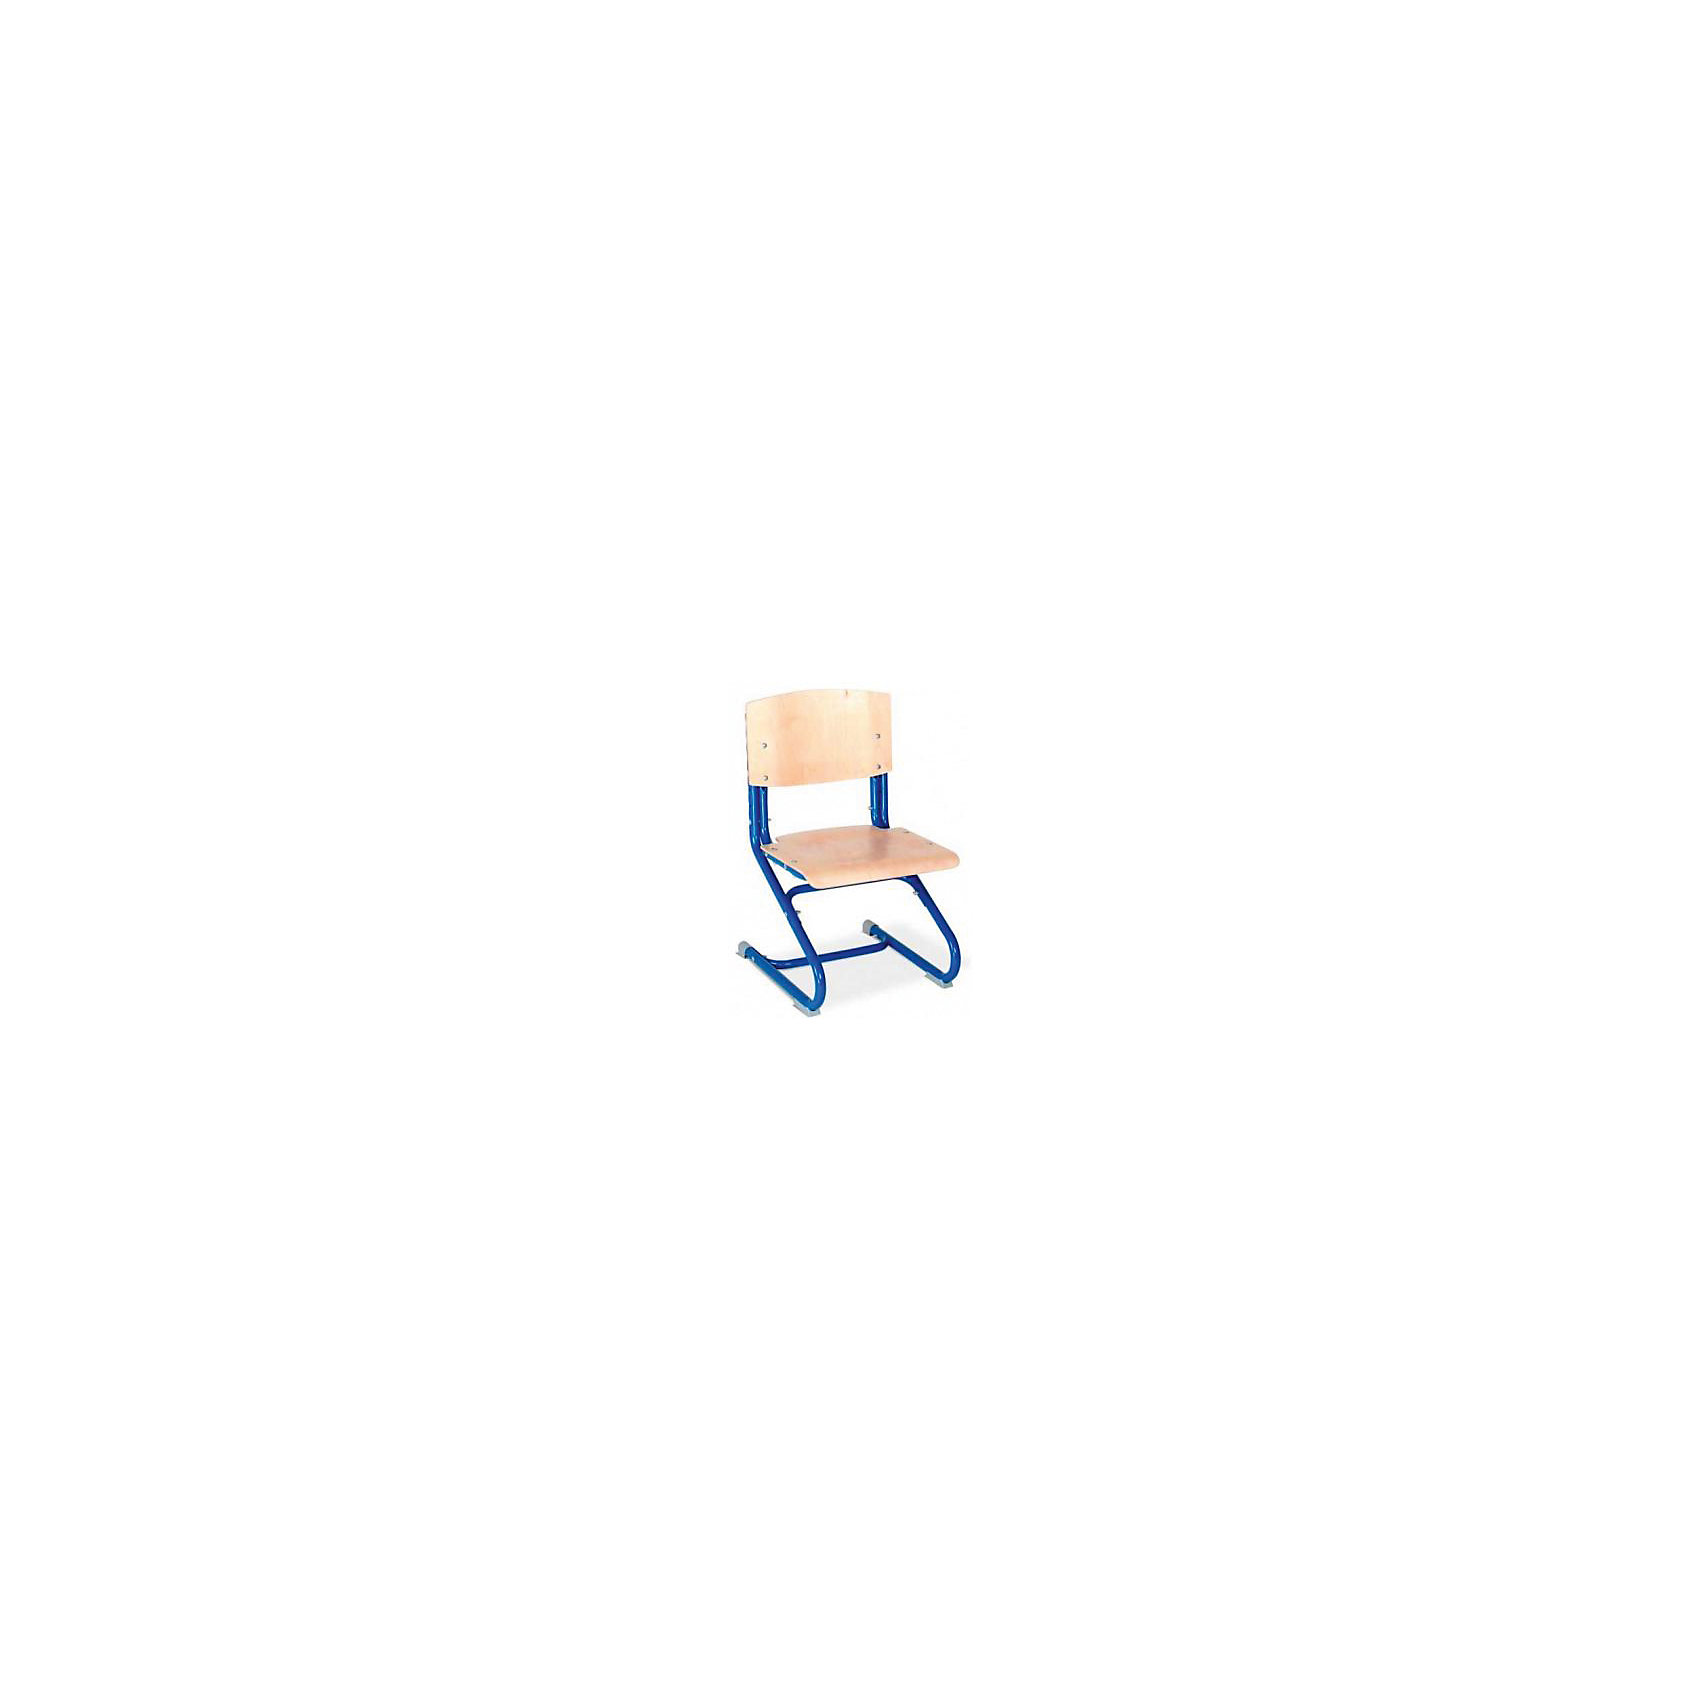 Стул универсальный СУТ.02-01, Дэми, синийУченический стул «Дэми» регулируется по высоте спинки и глубине сиденья. Данные показатели подбираются индивидуально под рост ребенка, чтобы обеспечить правильное положение тела за письменным столом. Правильная осанка и ровная спина – залог здоровья ребенка.<br><br>Дополнительная информация:<br><br>Регулируемая высота стула от пола до сиденья: 34,5-44,5 см<br>Регулируемая высота спинки: 34,5-40,9 см<br>Регулируемая глубина сиденья: 31-33 см<br>Ширина стула (каркас, сиденье и спинка): 40 см<br><br>Каркас стула изготовлен из металла, диаметр трубчатых оснований 2,5 см<br>Спинка и сиденье стула изготовлены из фанеры<br><br>Ростовая группа: 2-6<br>Угол наклона сиденья: 2 градуса.<br>Максимальная нагрузка: 80 кг<br><br>Необходима сборка, стул поставляется в разобранном виде.  <br><br>Стул универсальный СУТ.02-01, Дэми, синий серый можно купить в нашем интернет-магазине.<br><br>Ширина мм: 730<br>Глубина мм: 605<br>Высота мм: 770<br>Вес г: 8000<br>Возраст от месяцев: 36<br>Возраст до месяцев: 84<br>Пол: Унисекс<br>Возраст: Детский<br>SKU: 4995035